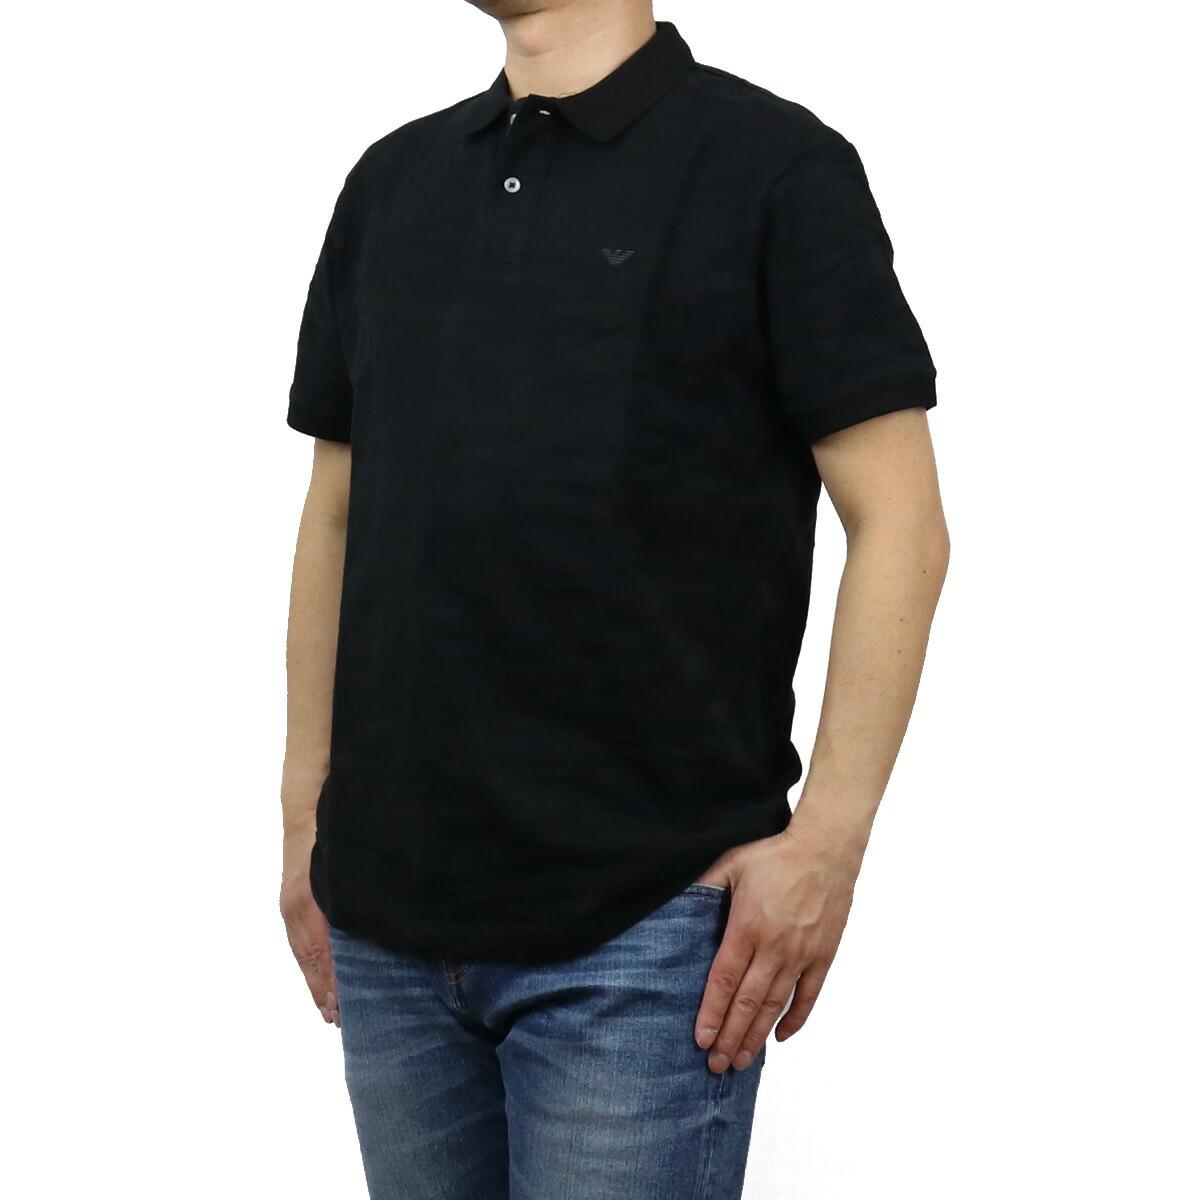 エンポリオ・アルマーニ EMPORIO ARMANI メンズ-ポロシャツ 3K1FA9 1JVPZ F036 ブラック bos-19 apparel-01 polo-01 メンズ